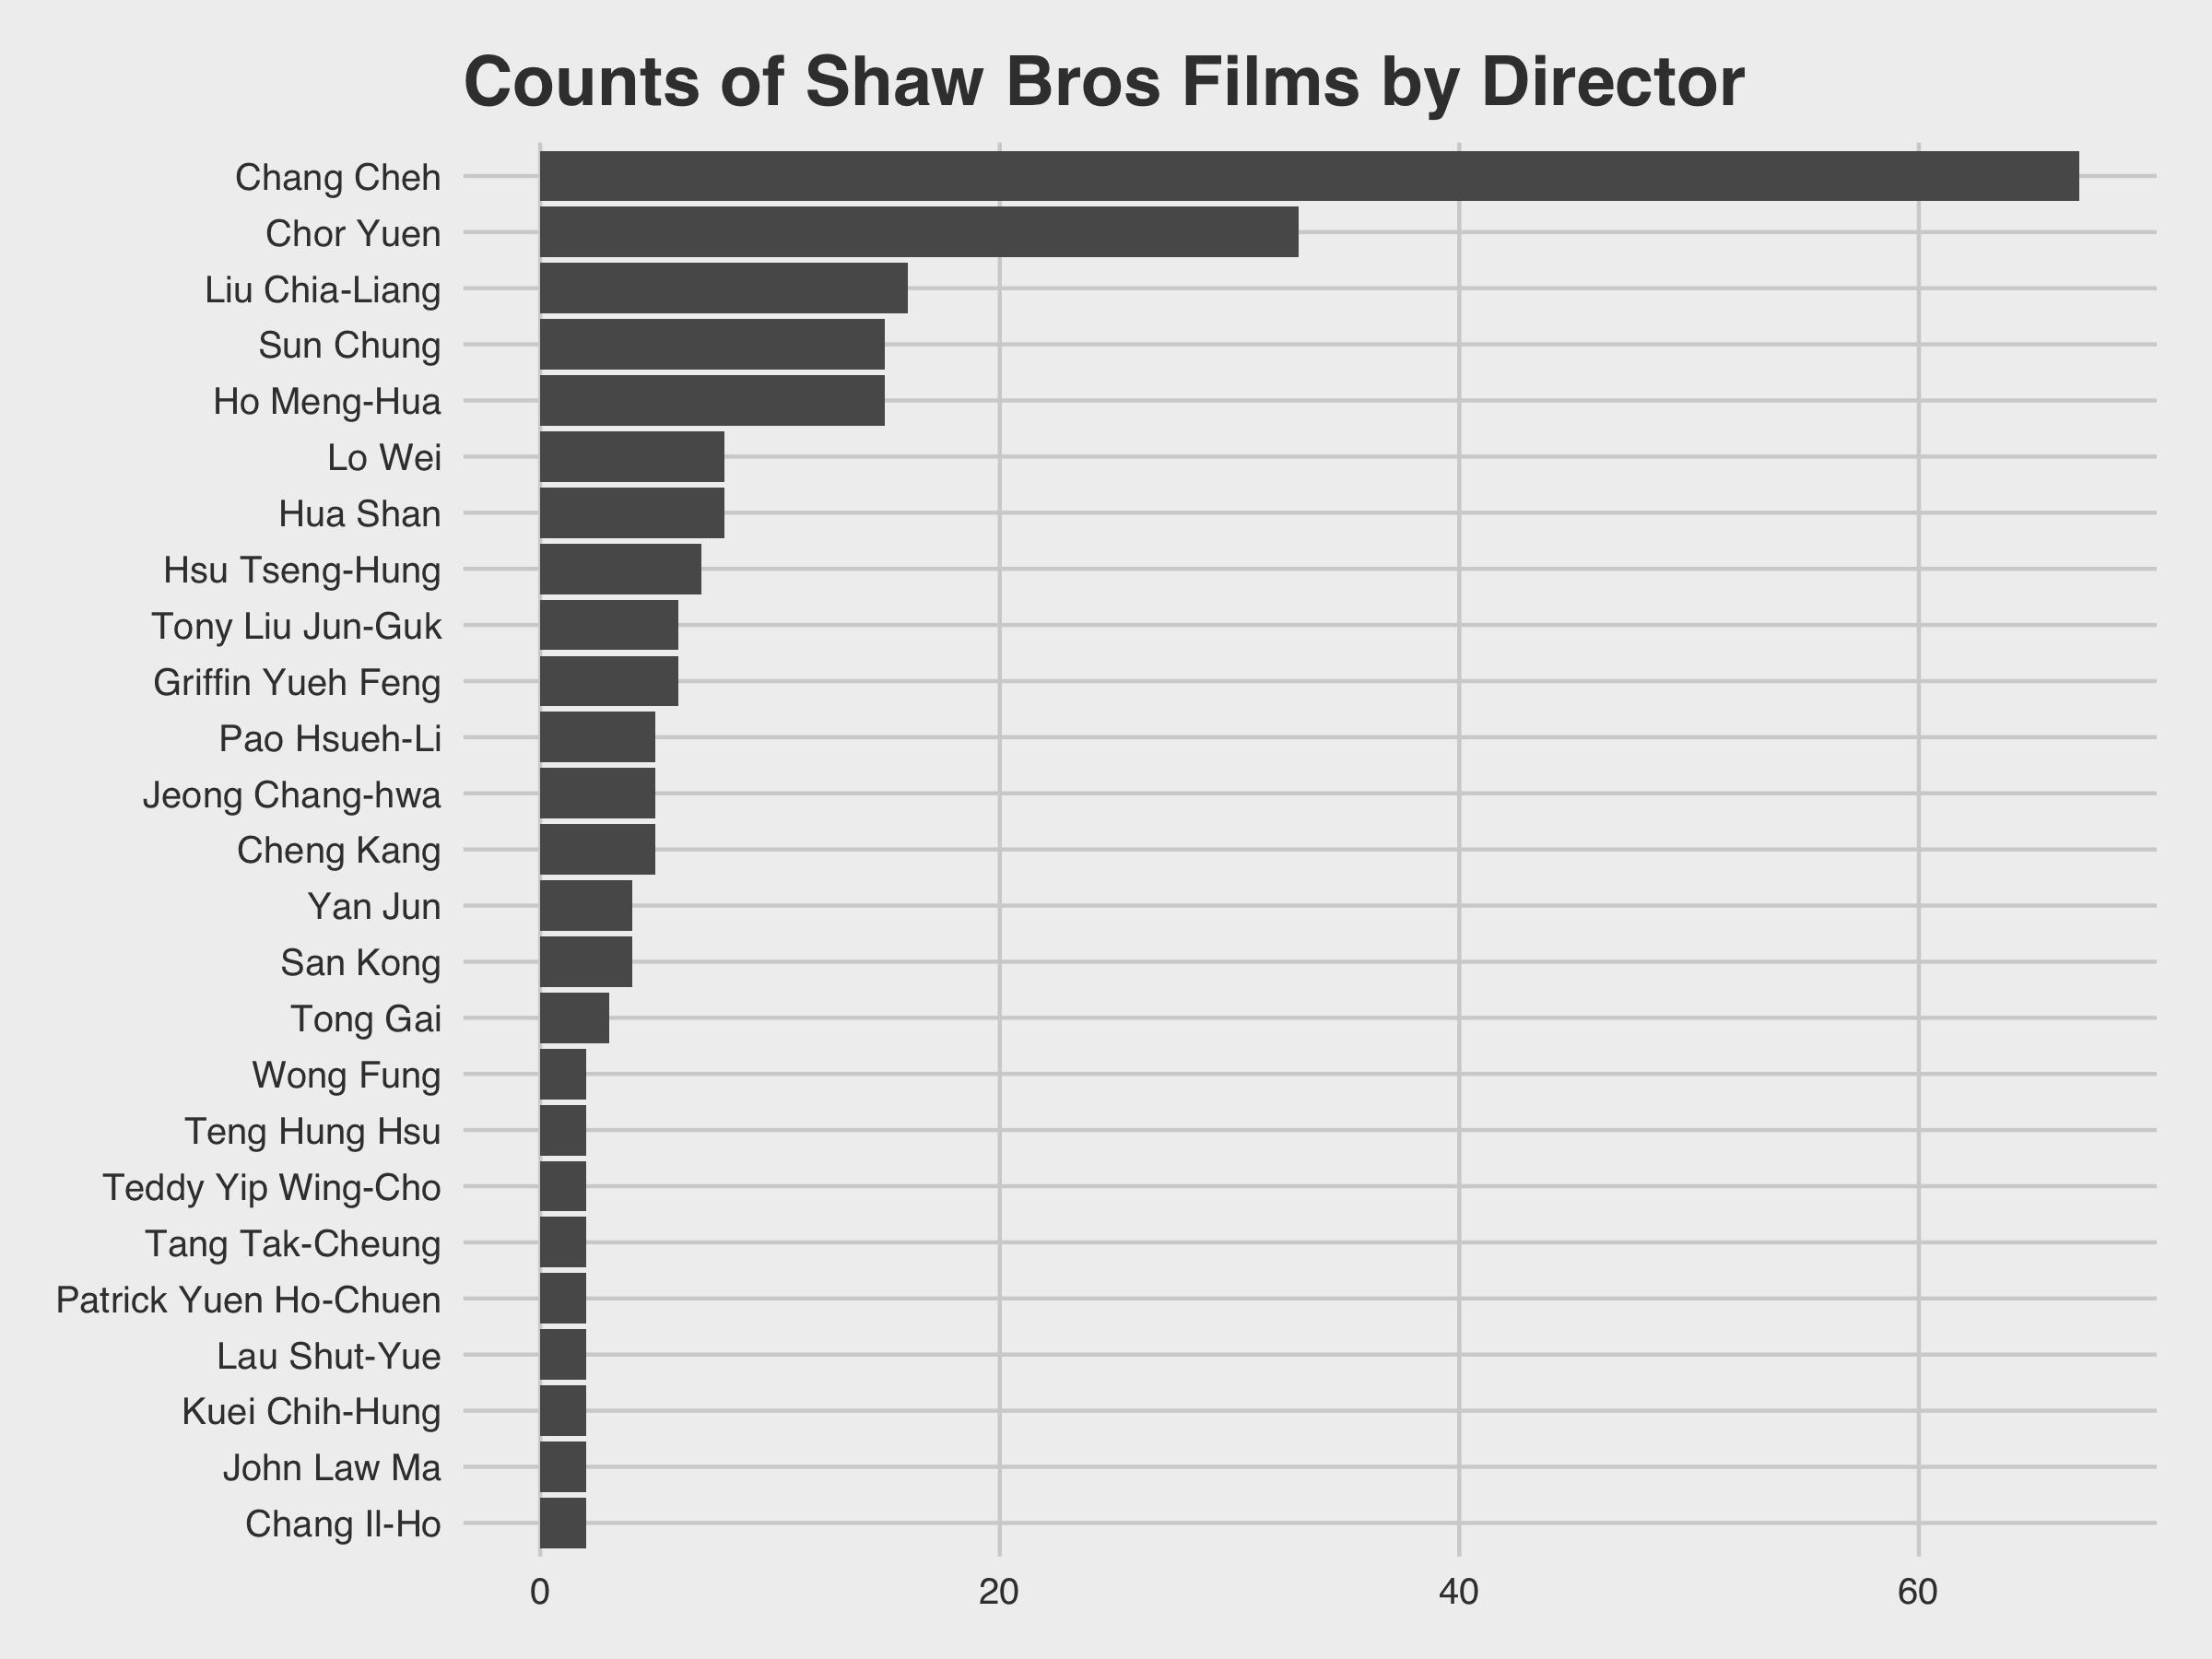 Top Directors